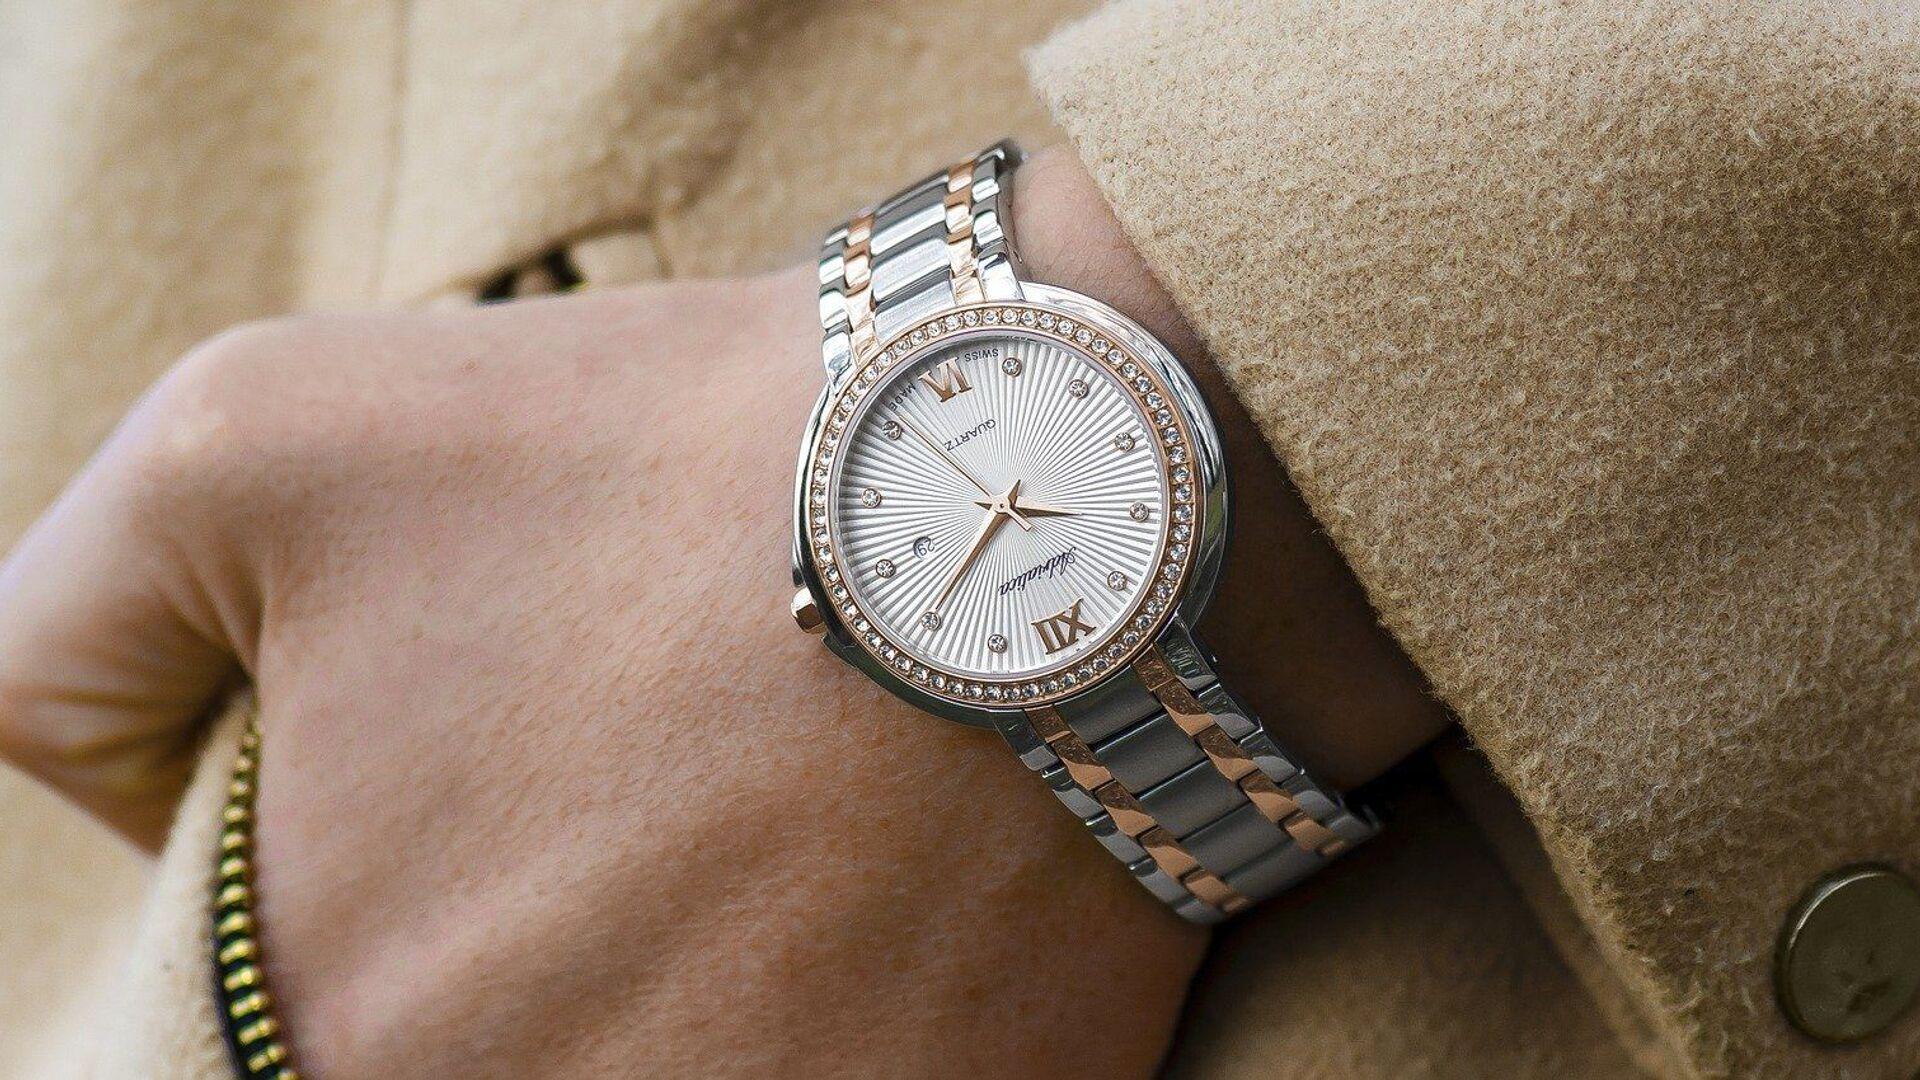 Γυναικείο ρολόι χειρός - Sputnik Ελλάδα, 1920, 16.06.2021